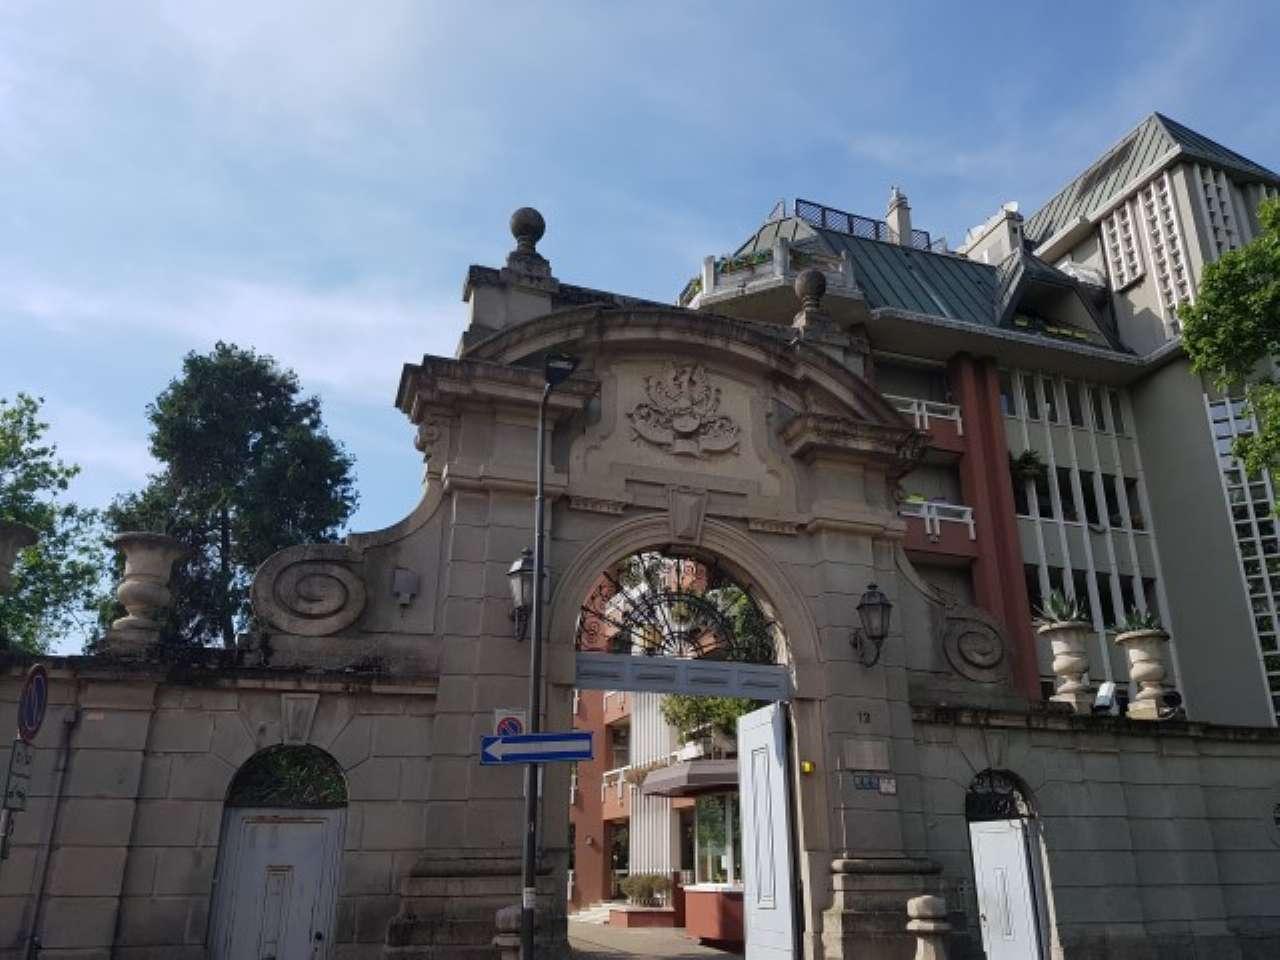 Appartamento in affitto a Milano, 5 locali, zona Zona: 14 . Lotto, Novara, San Siro, QT8 , Montestella, Rembrandt, prezzo € 2.500 | CambioCasa.it